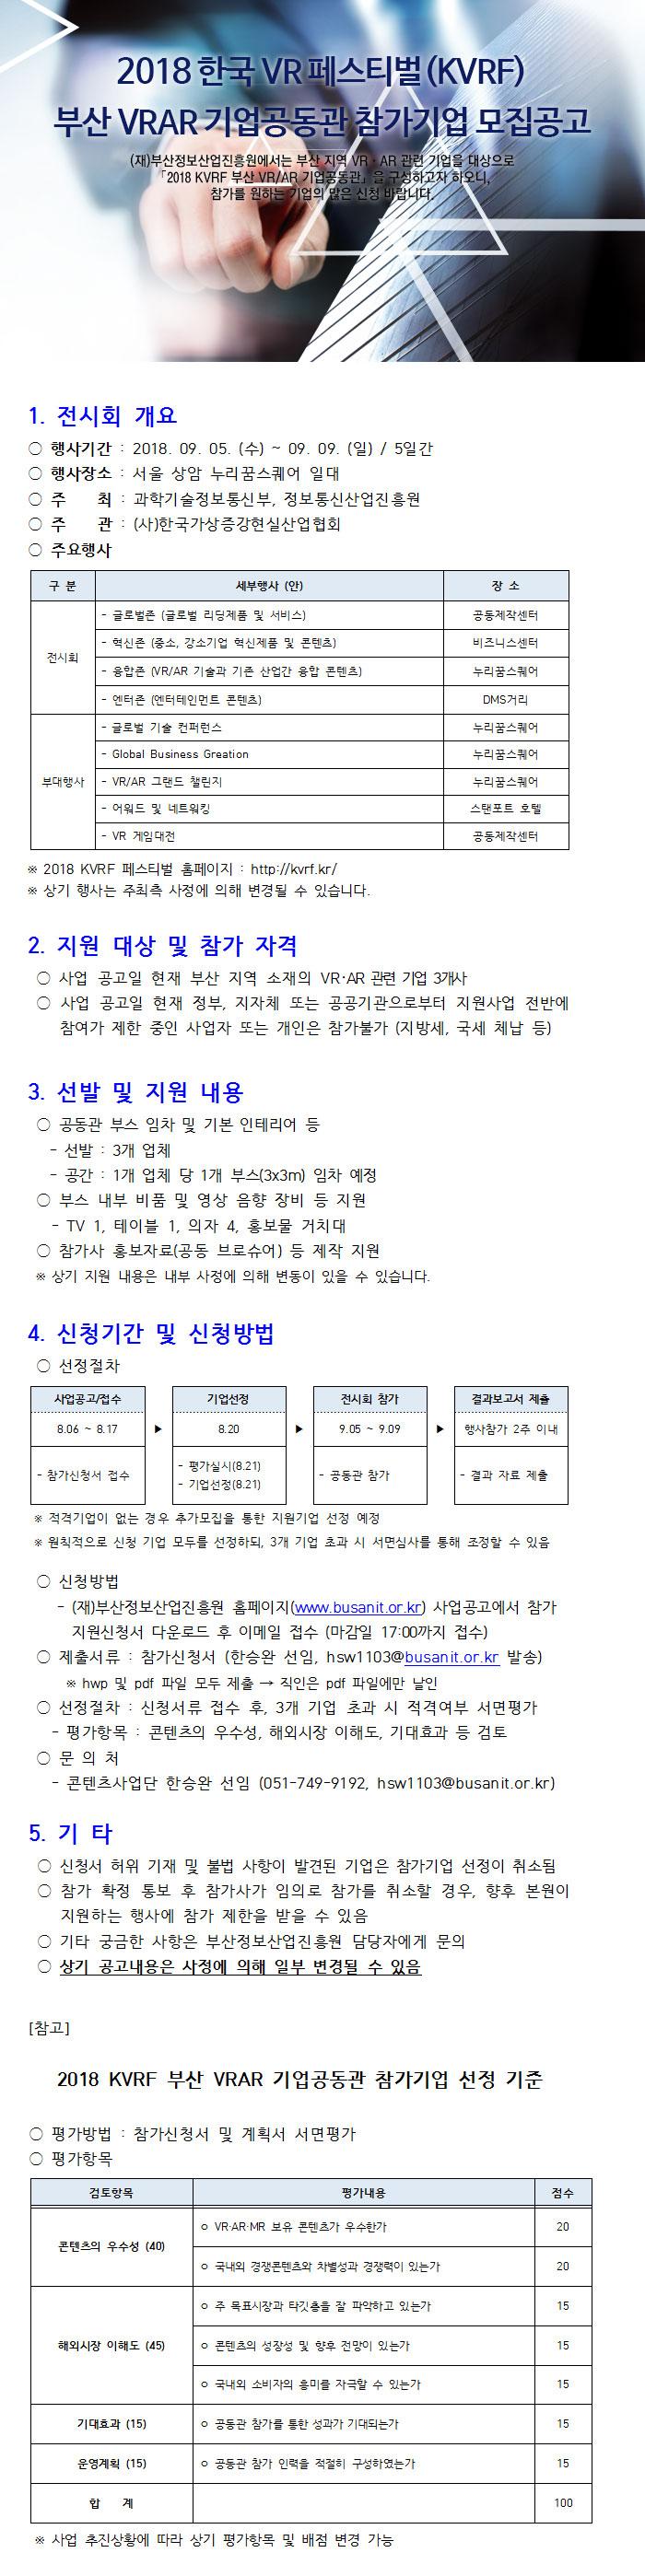 2018 한국 VR 페스티벌(KVRF) - 부산 VRAR 기업공동관 참가기업 모집공고